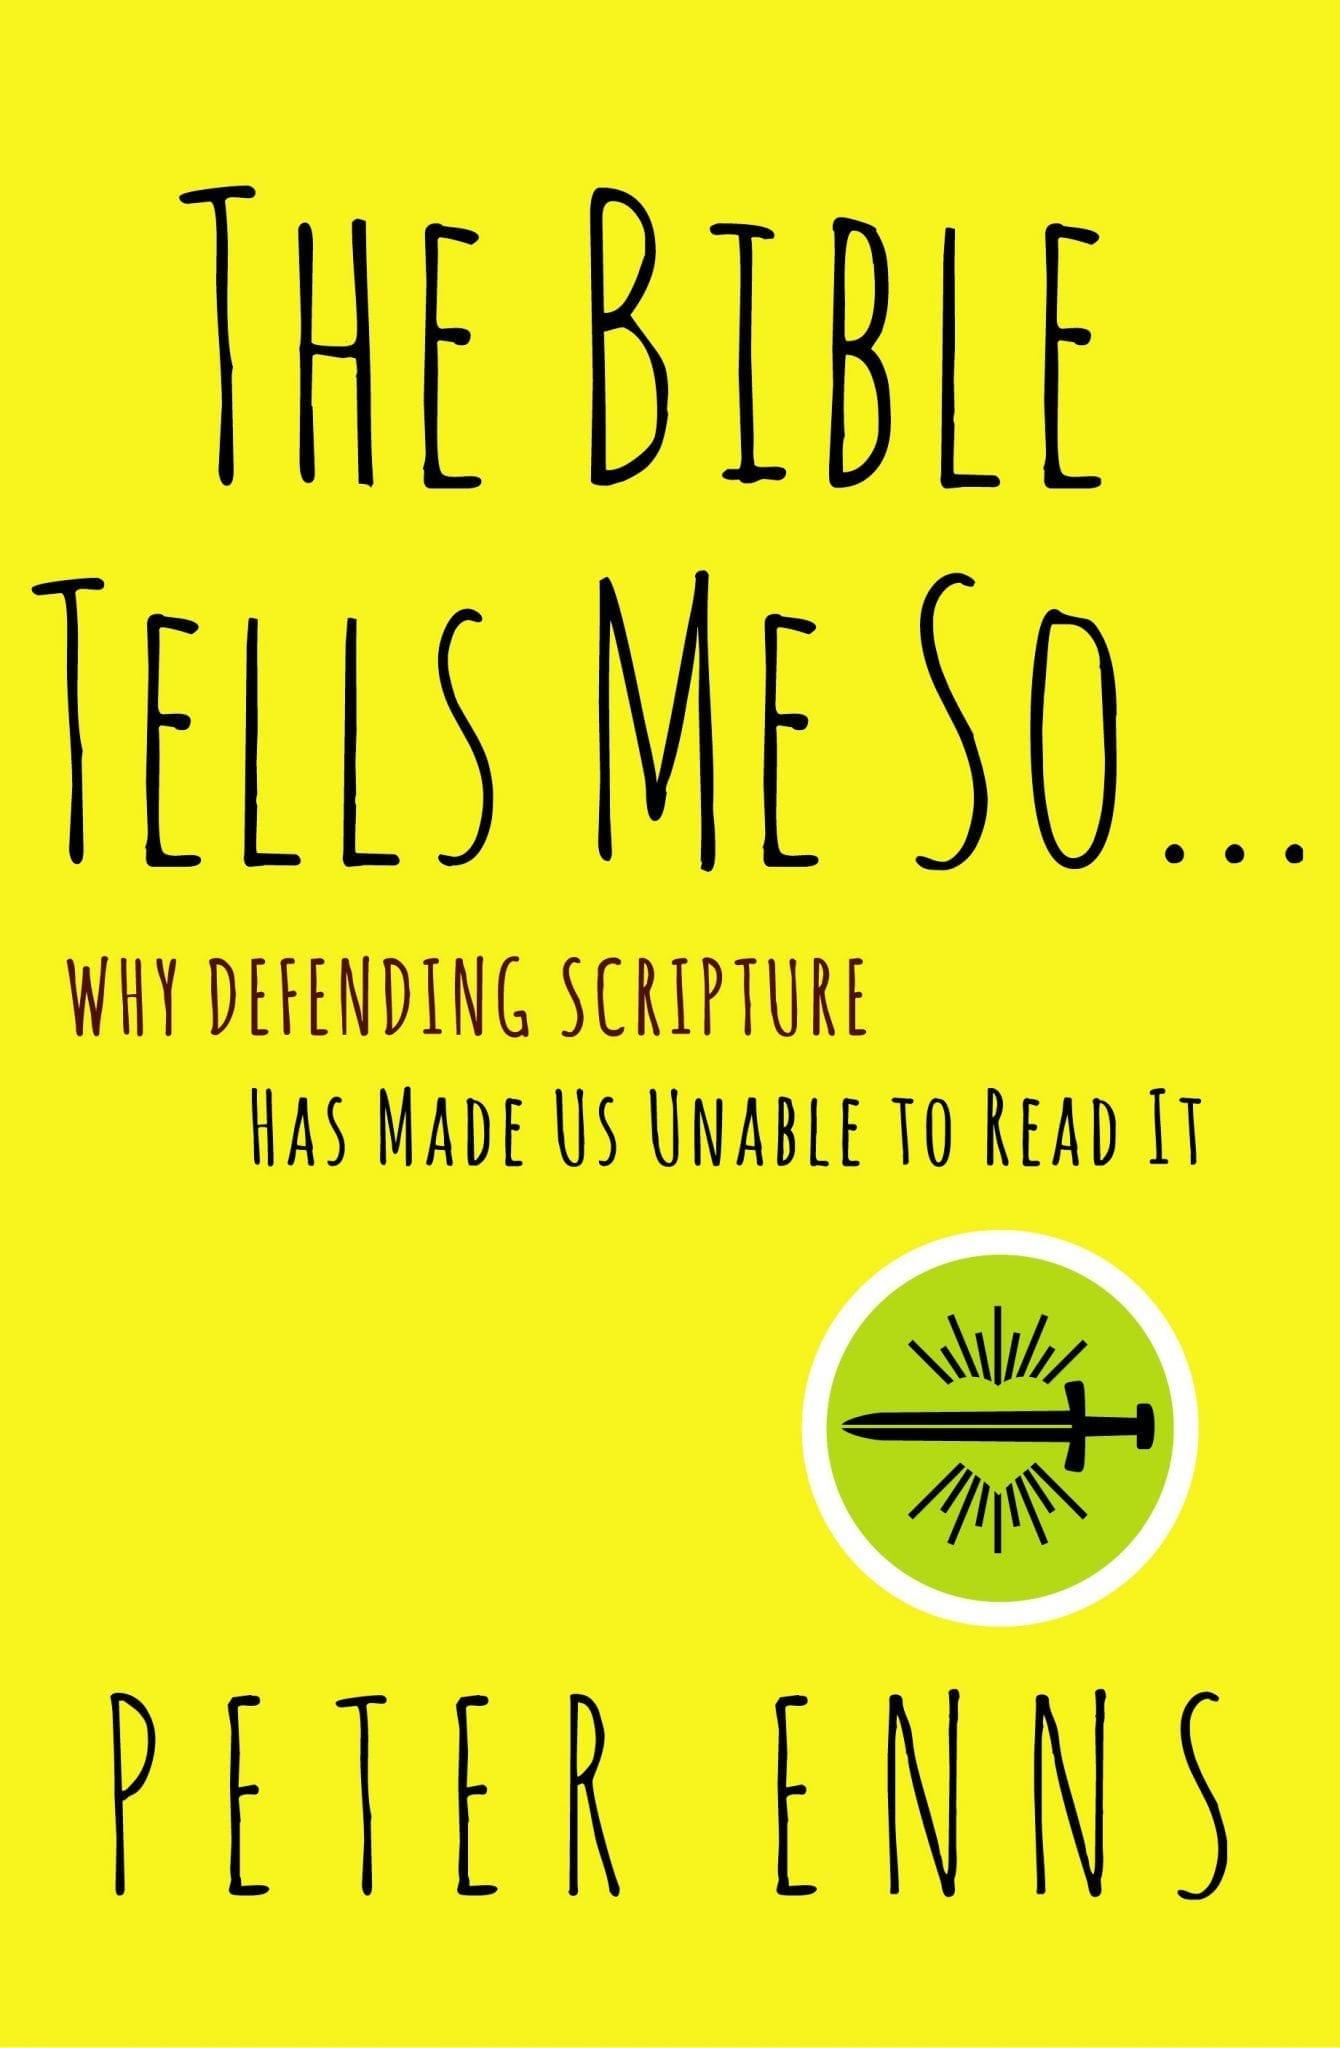 Best Books Peter Enns Cover Art Bible Tells Me So Feb 16 BCF